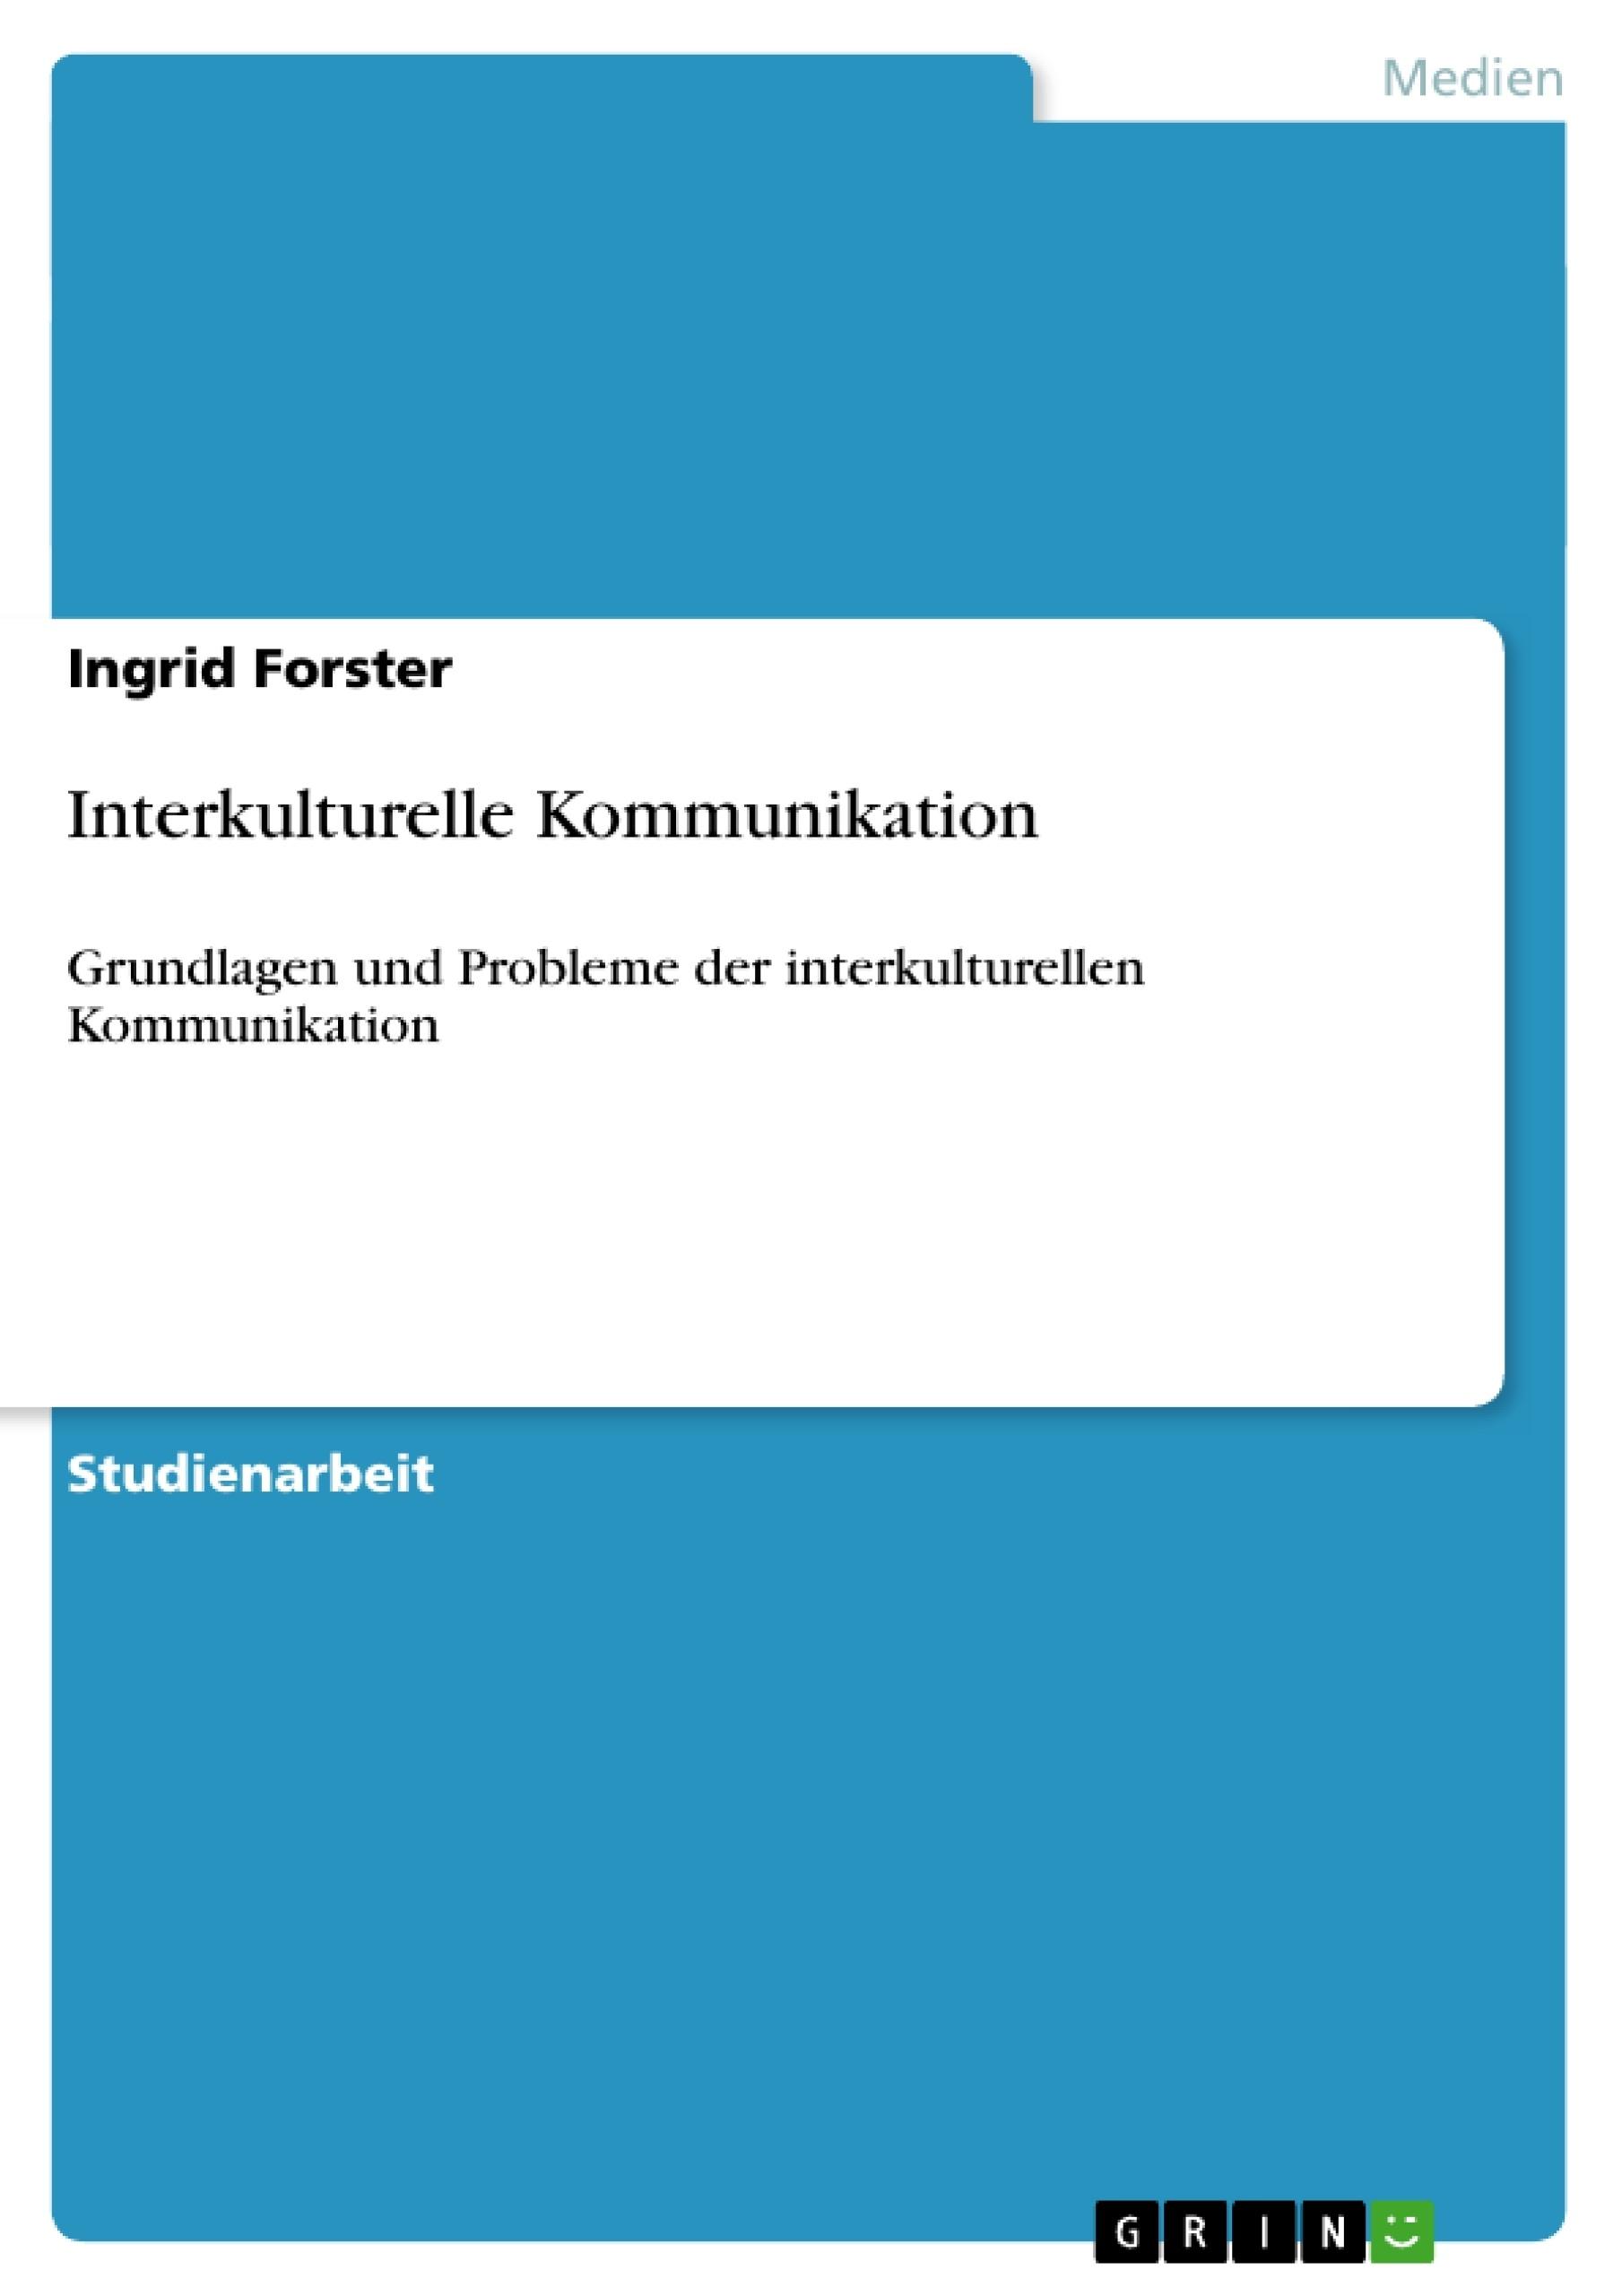 Titel: Interkulturelle Kommunikation